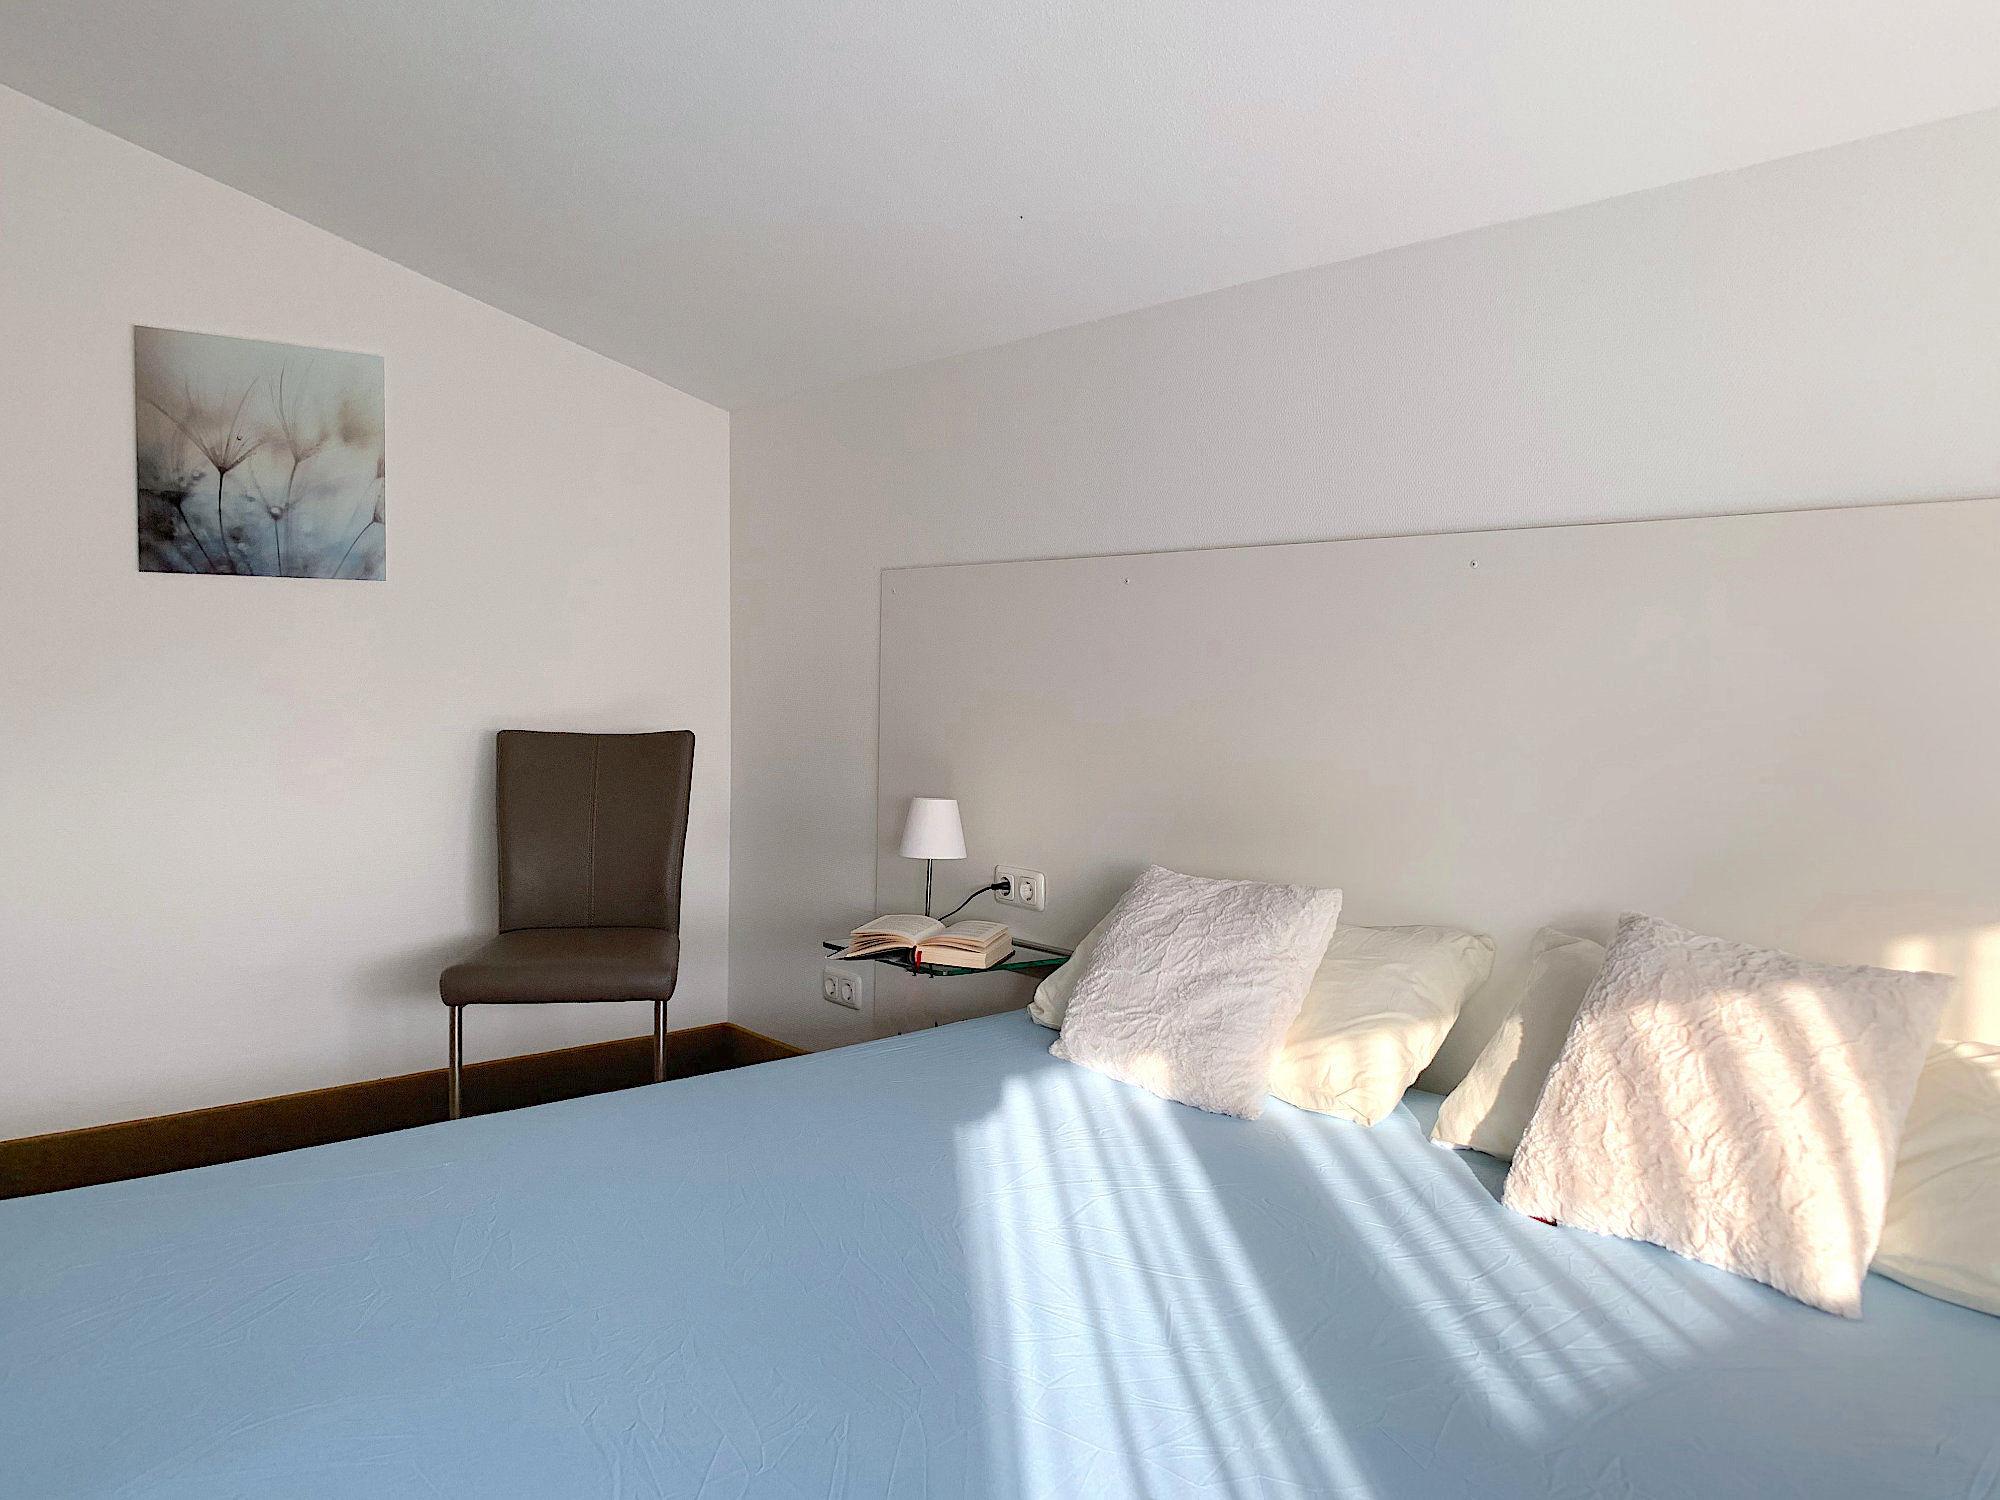 Schlafzimmer mit Doppelbett, links davon steht ein Stuhl